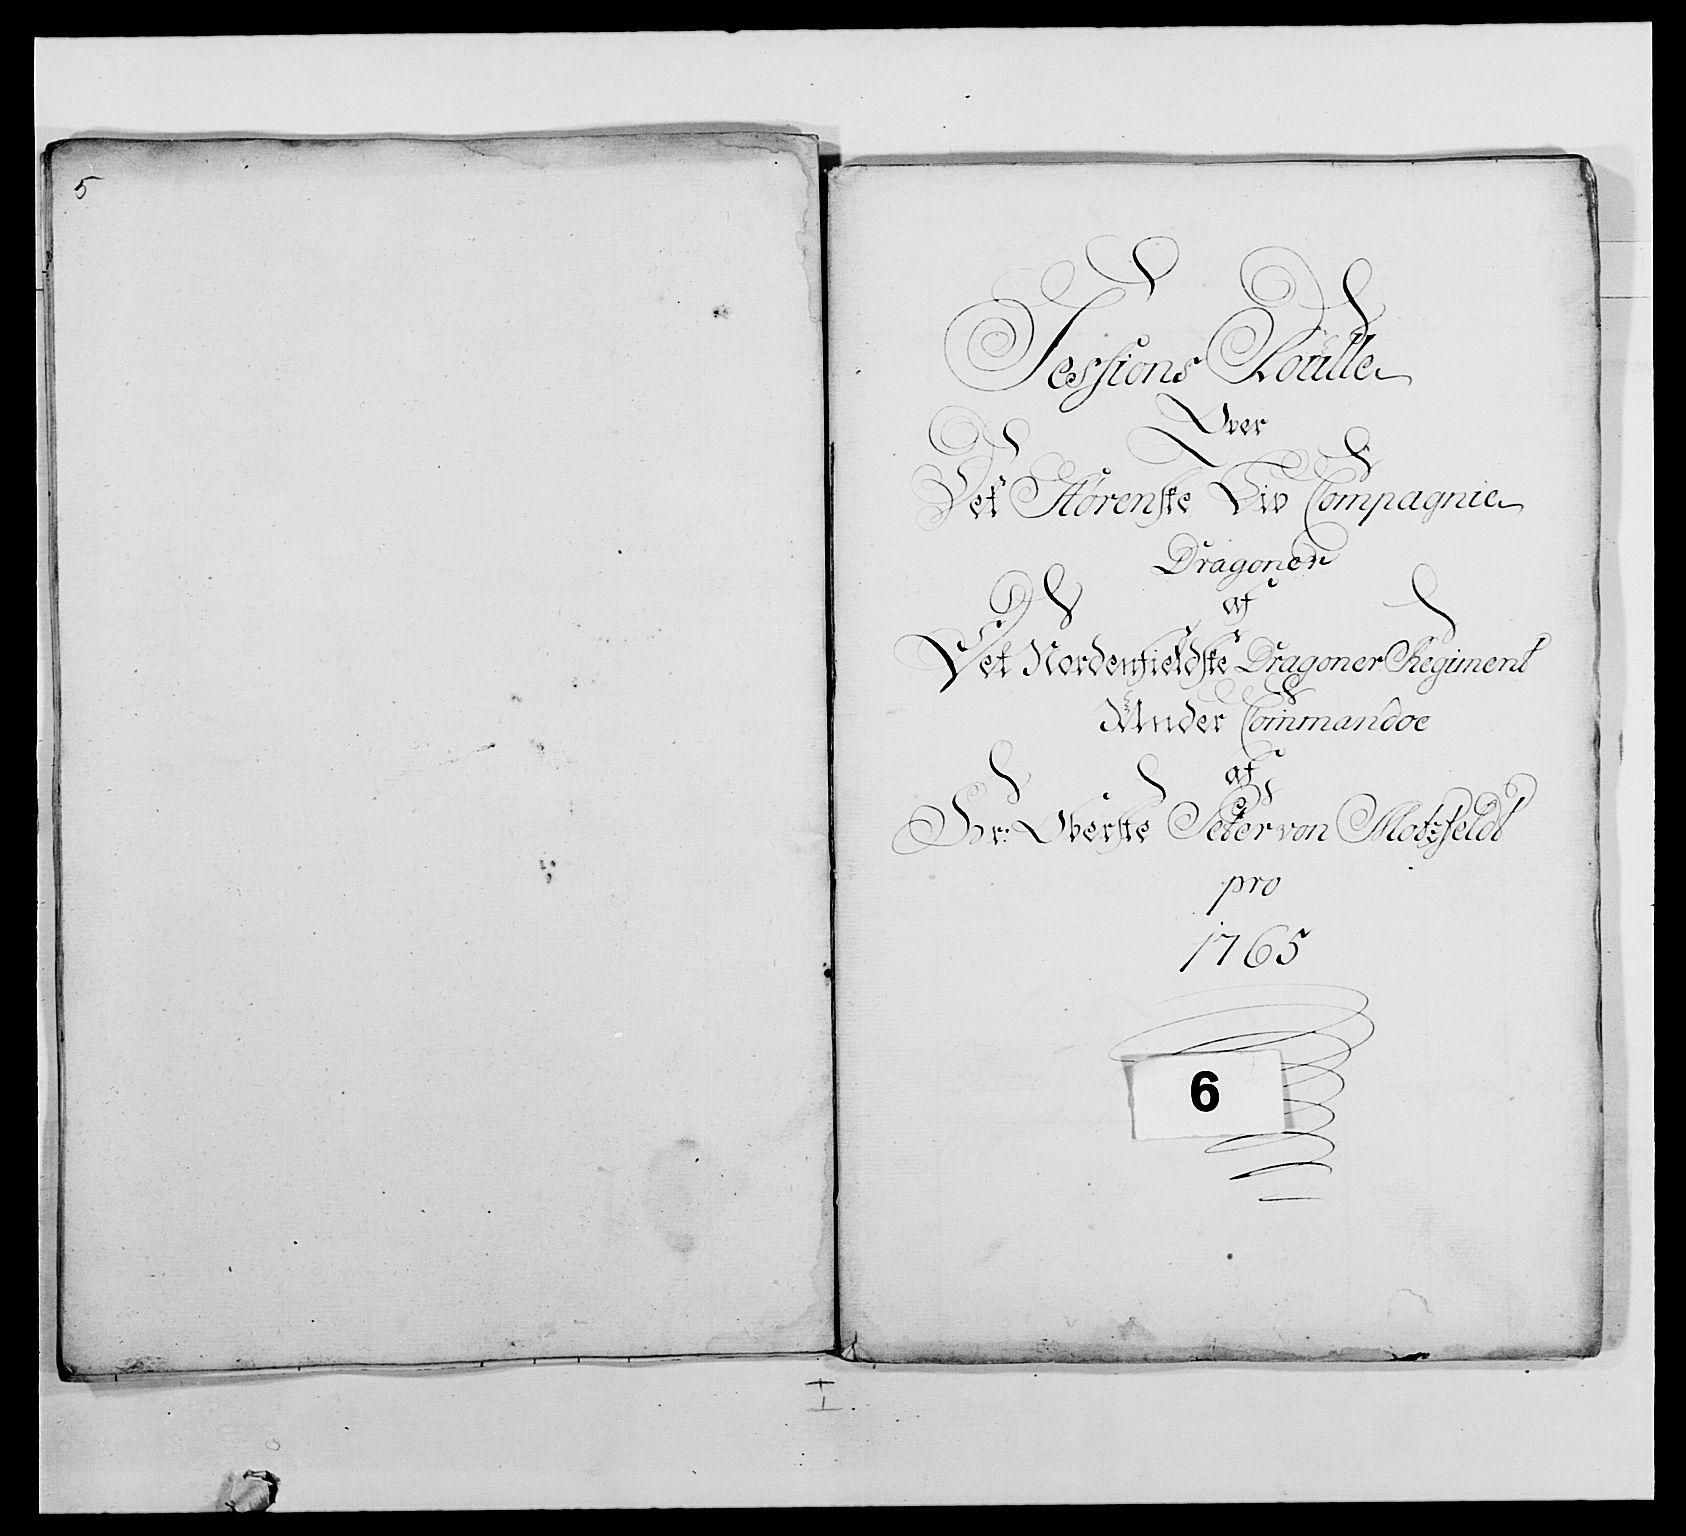 RA, Kommanderende general (KG I) med Det norske krigsdirektorium, E/Ea/L0483: Nordafjelske dragonregiment, 1765-1767, s. 108